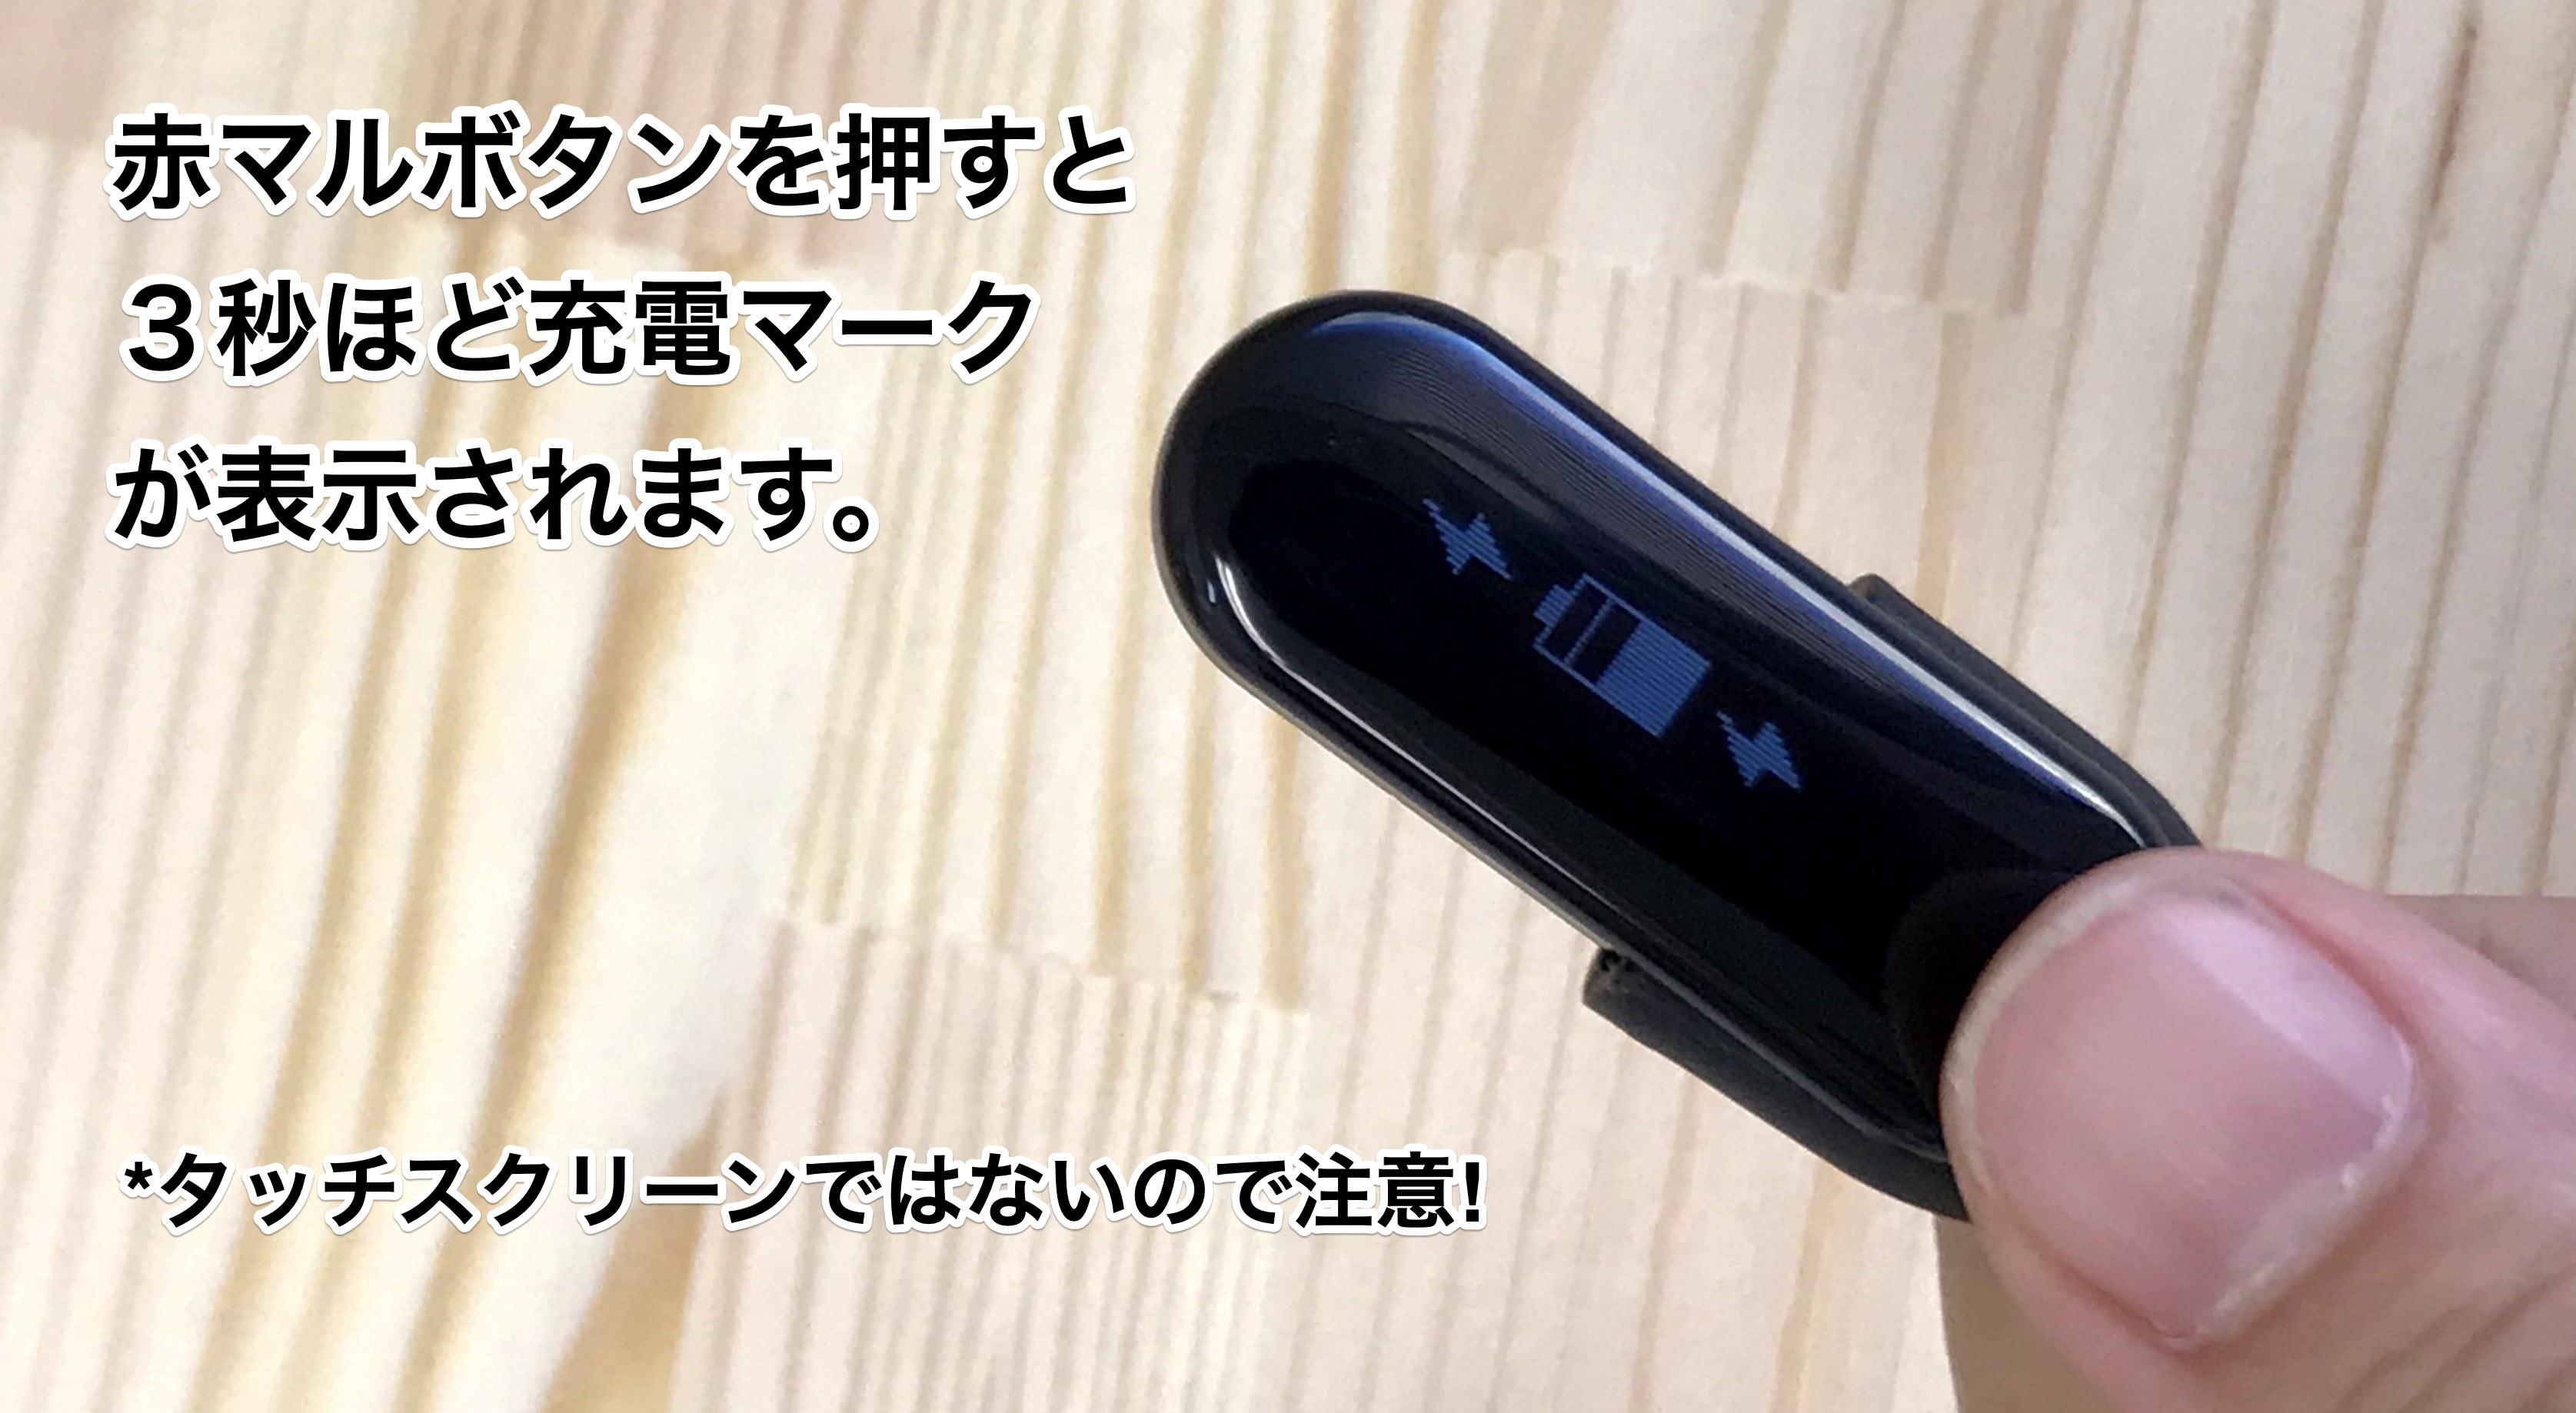 ポケモンGO Gotcha充電表示